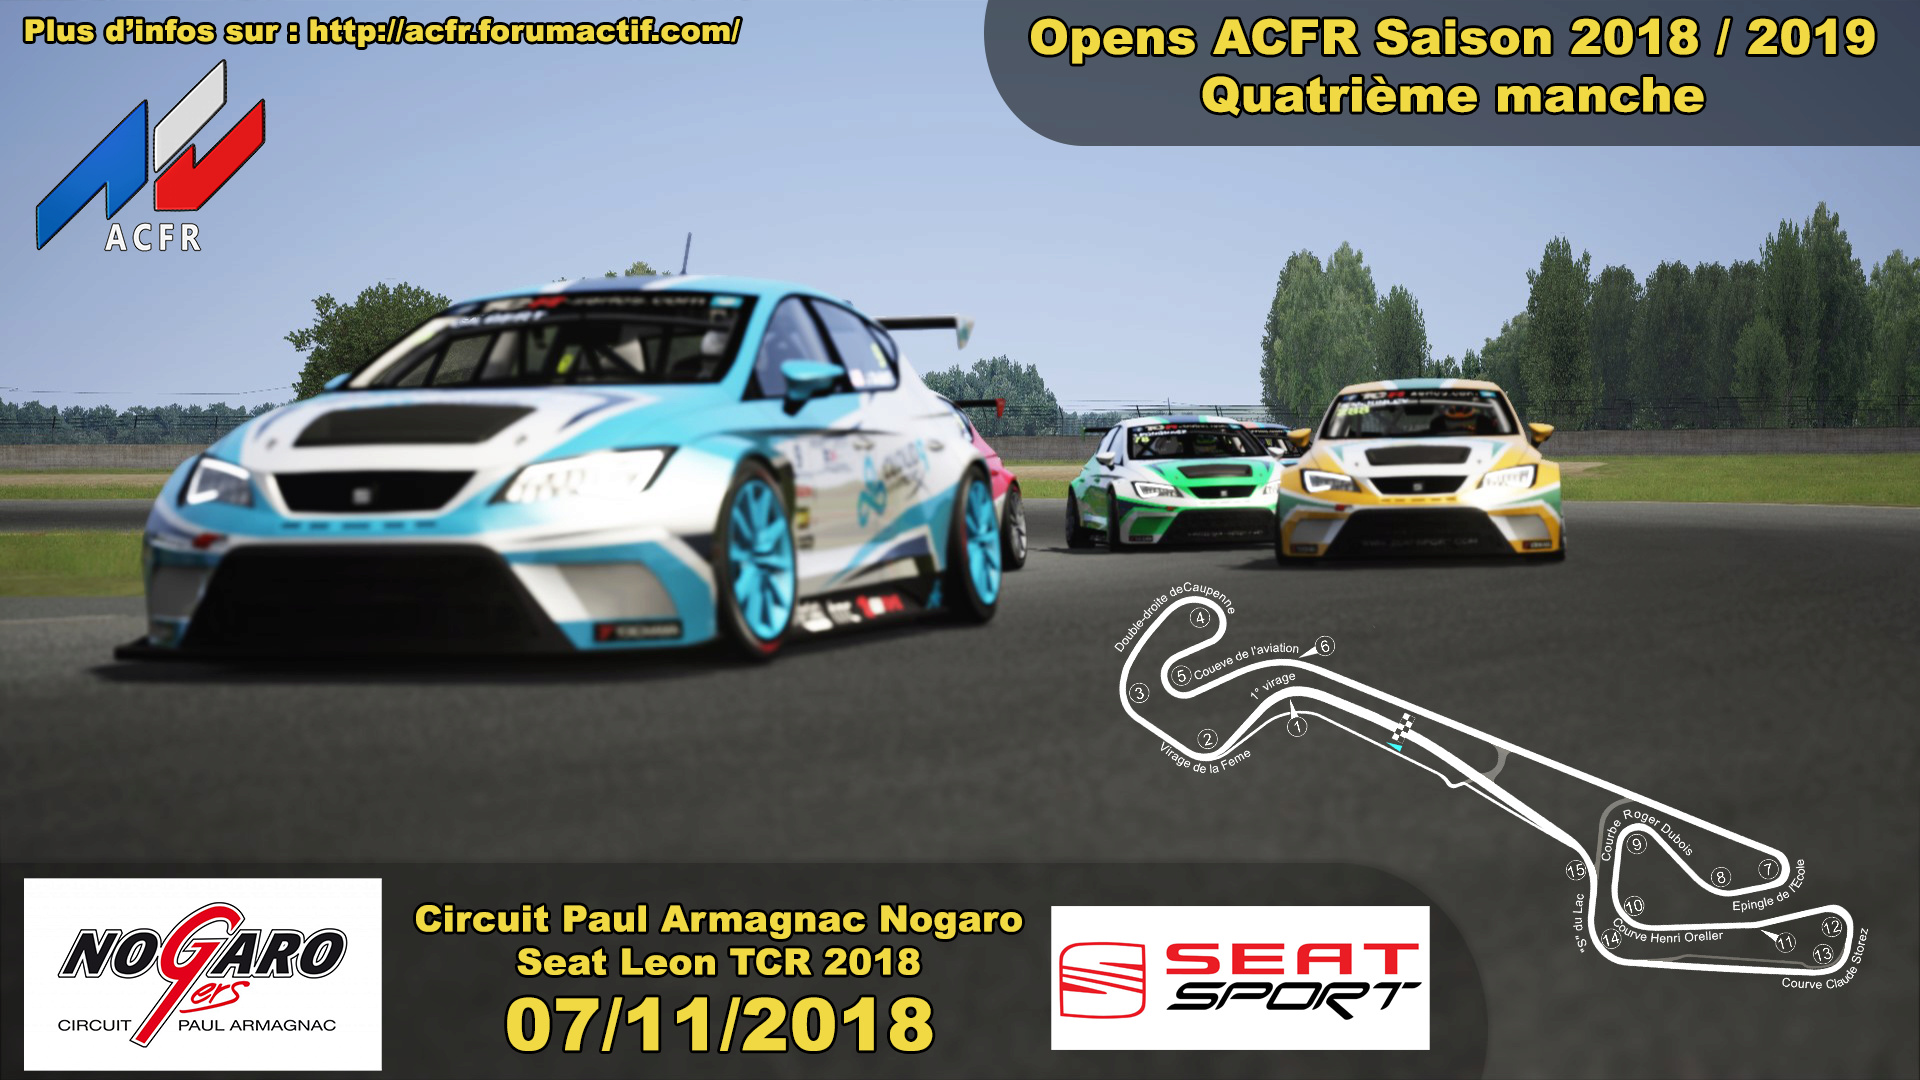 [Open ACFR] 07/11/2018 - Manche 4 saison 2018/2019 - Paul Armagnac Nogaro - Seat Leon TCR 2018 Open_411